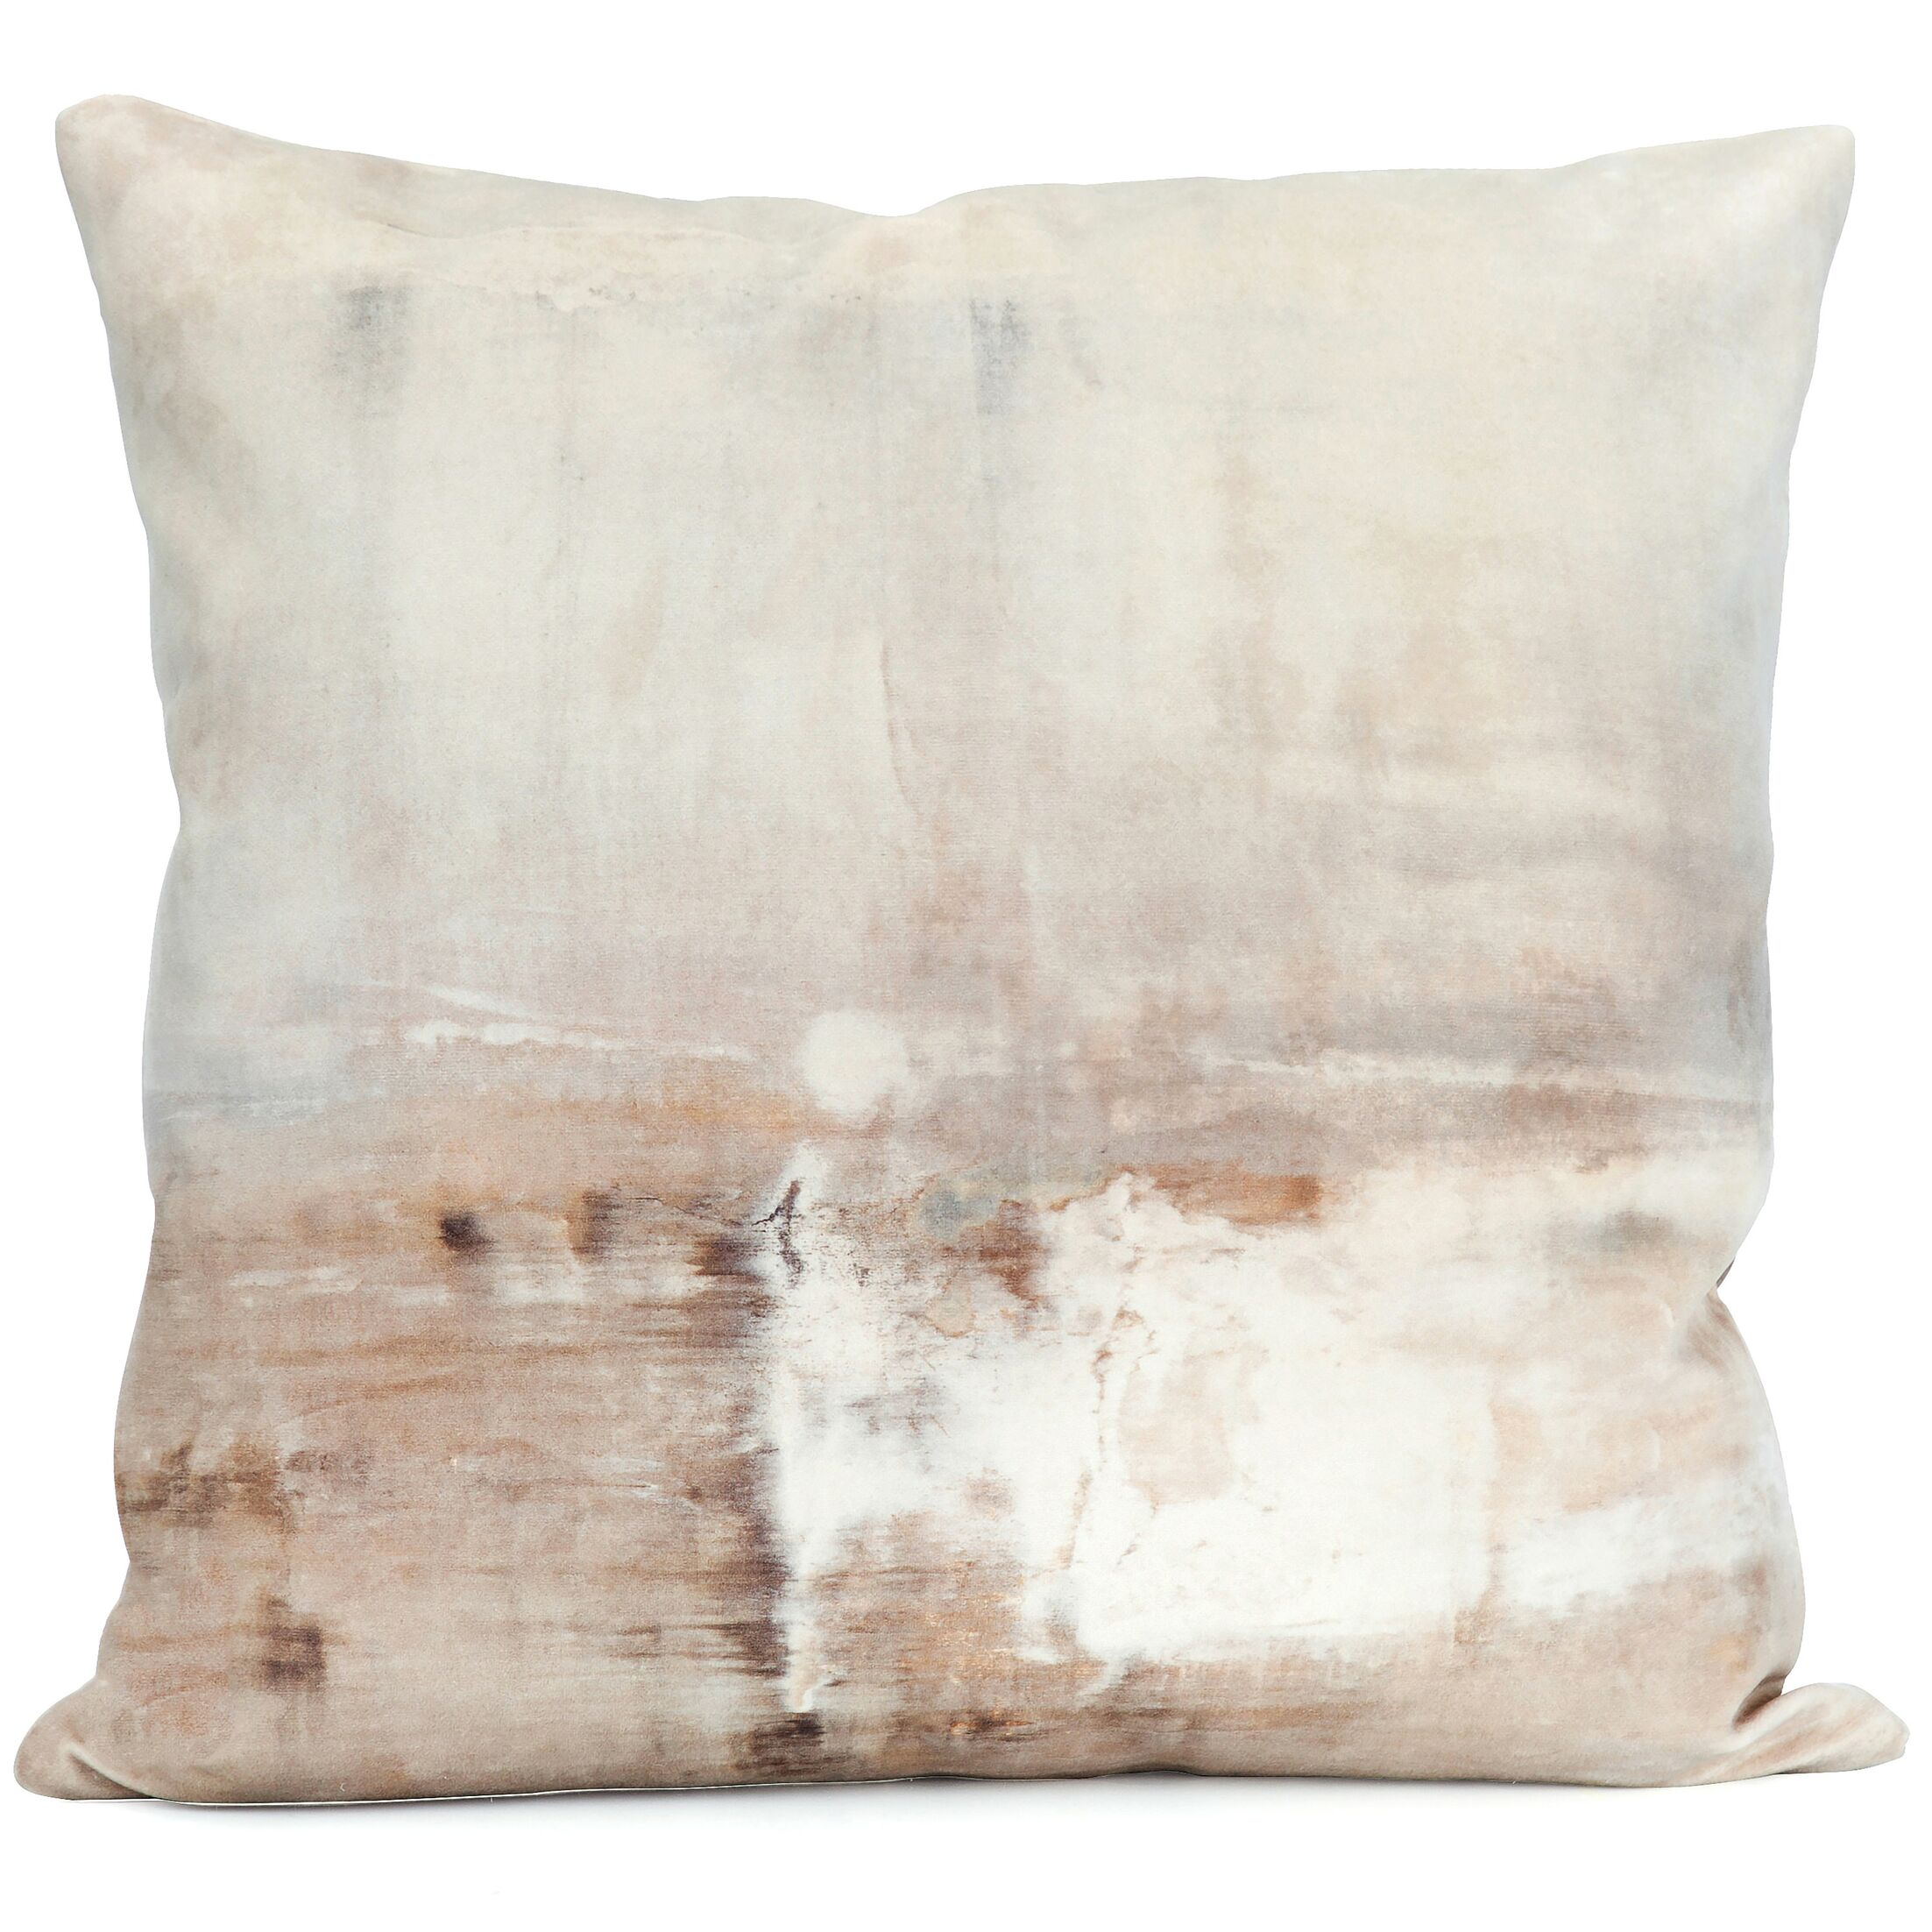 Benson-Cobb Dune Printed Velvet Throw Pillow